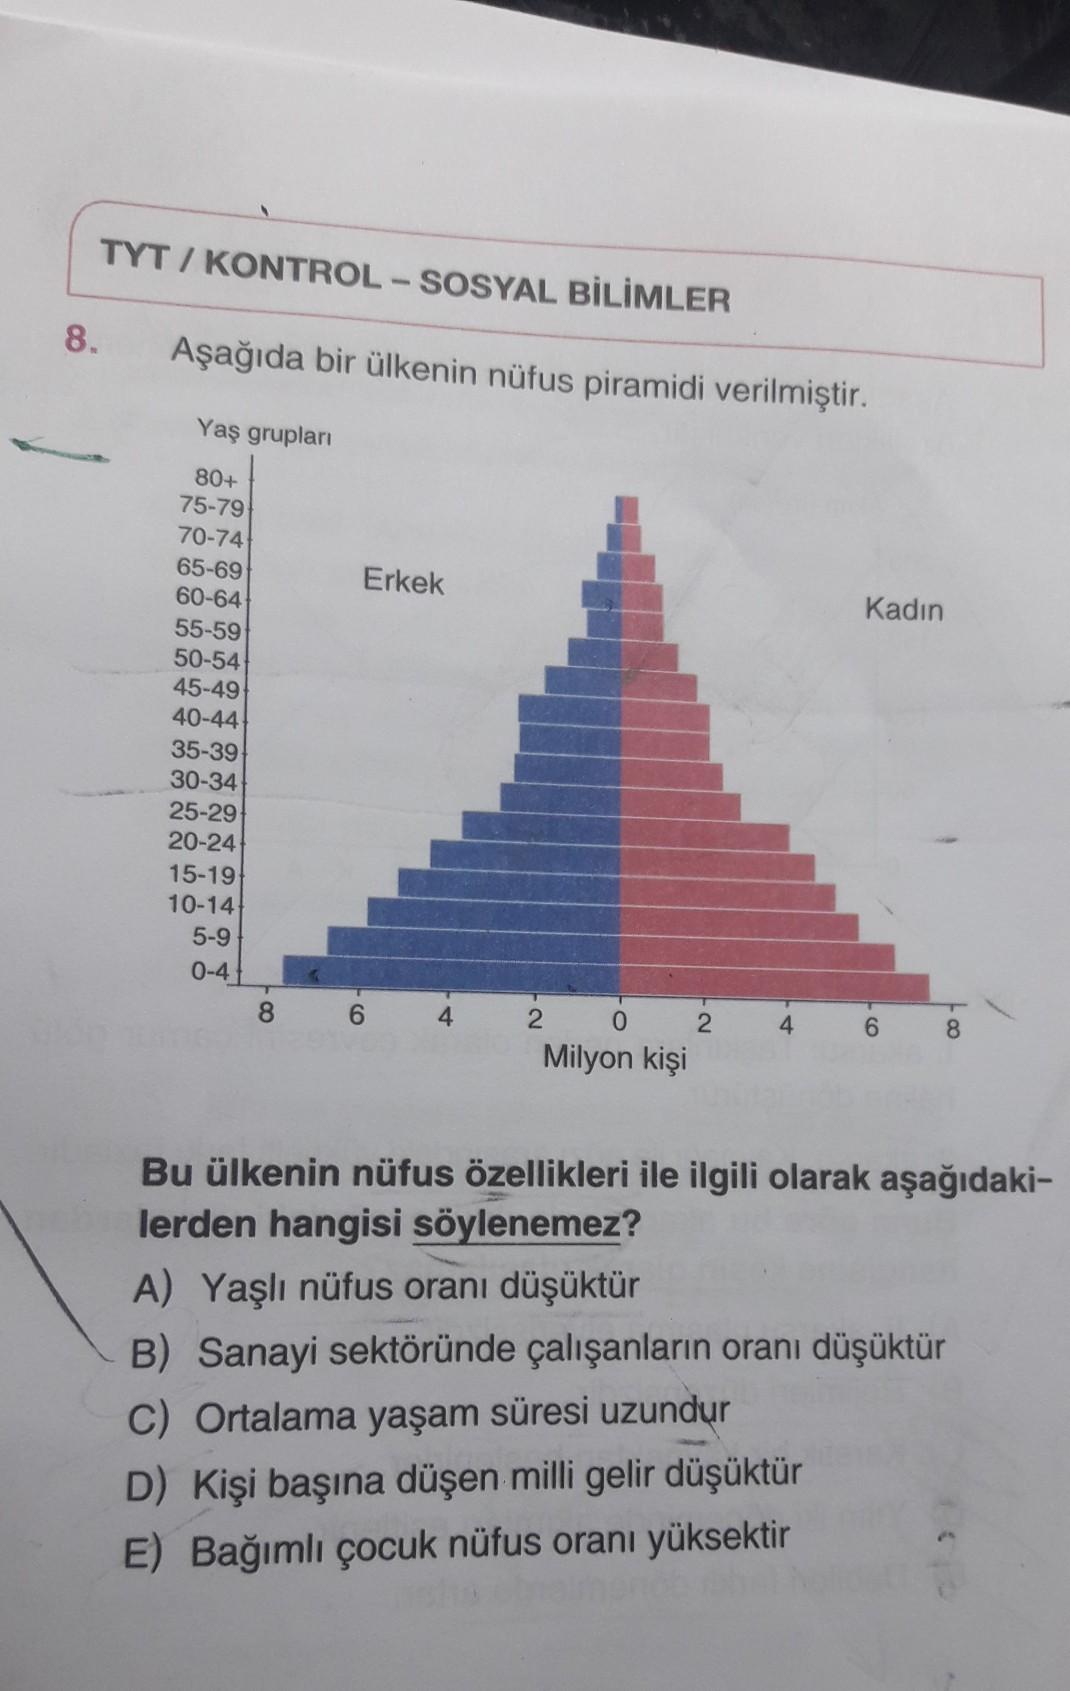 TYT / KONTROL - SOSYAL BİLİMLER 8. Aşağıda bir ülkenin nüfus piramidi verilmiştir. Yaş grupları Erkek Kadın 80+ 75-79 70-74 65-69 60-64 55-59 50-54 45-49 40-44 35-39 30-34 25-29 20-24 15-19 10-14 5-9 0-4 8 2 0 2 6 8 Milyon kişi Bu ülkenin nüfus özellikleri